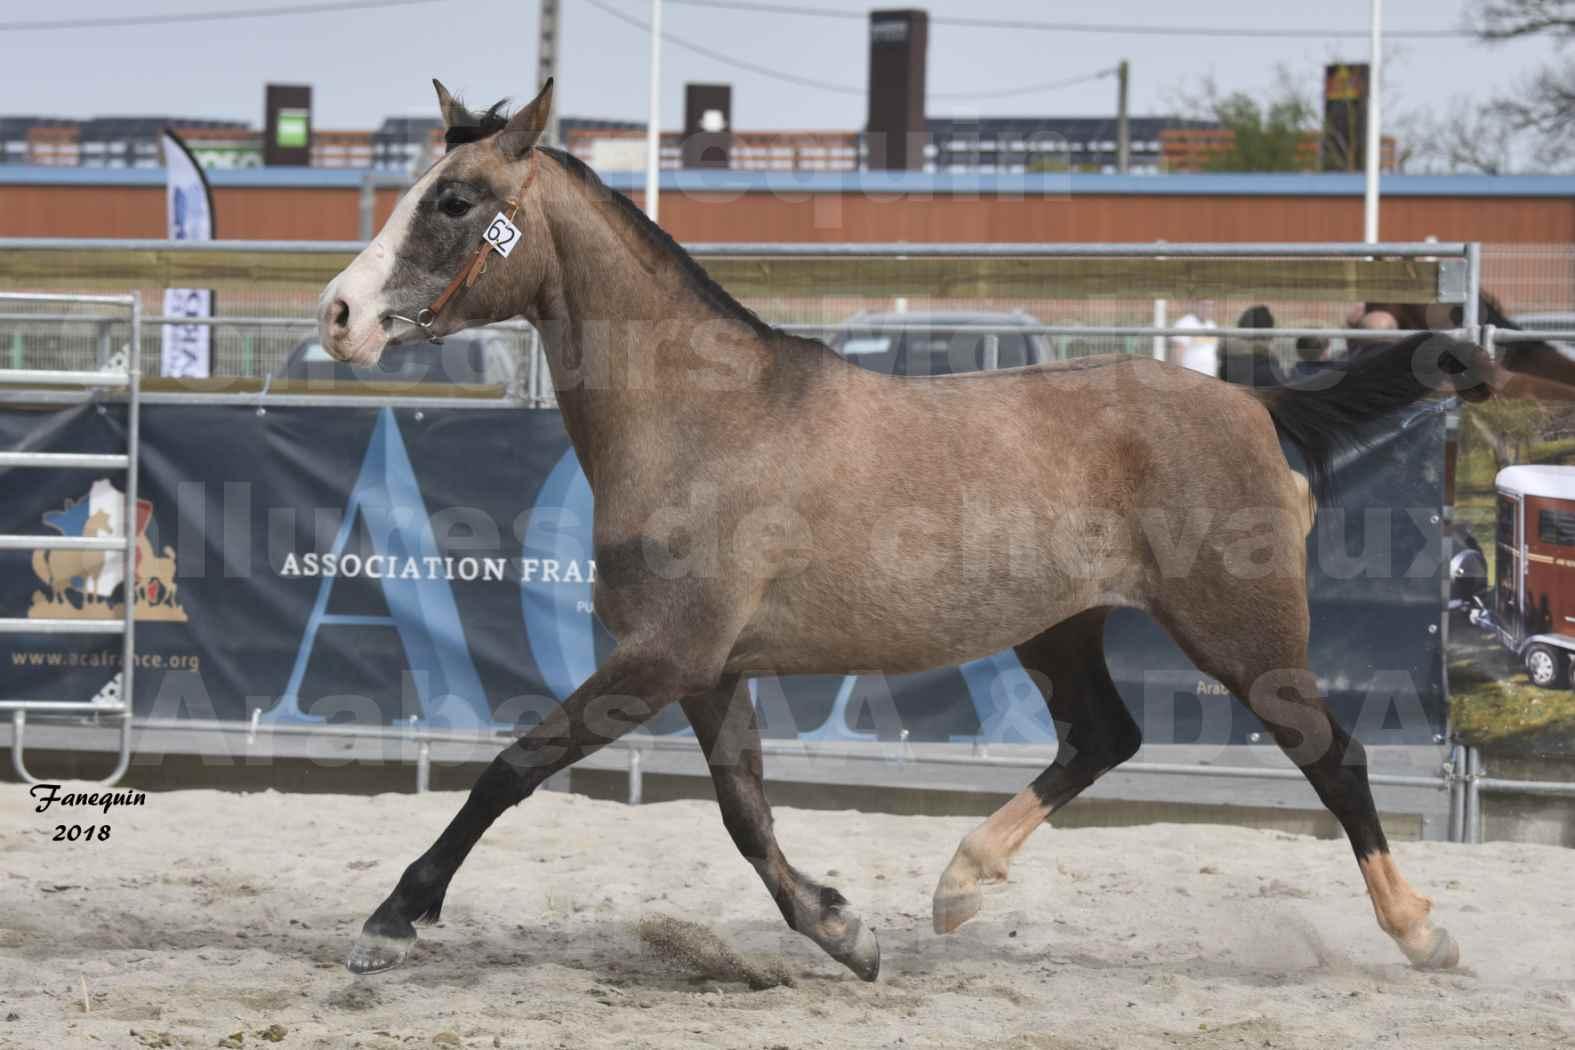 Concours d'élevage de Chevaux Arabes - D. S. A. - A. A. - ALBI les 6 & 7 Avril 2018 - FLORIA DU PUECH - Notre Sélection 07